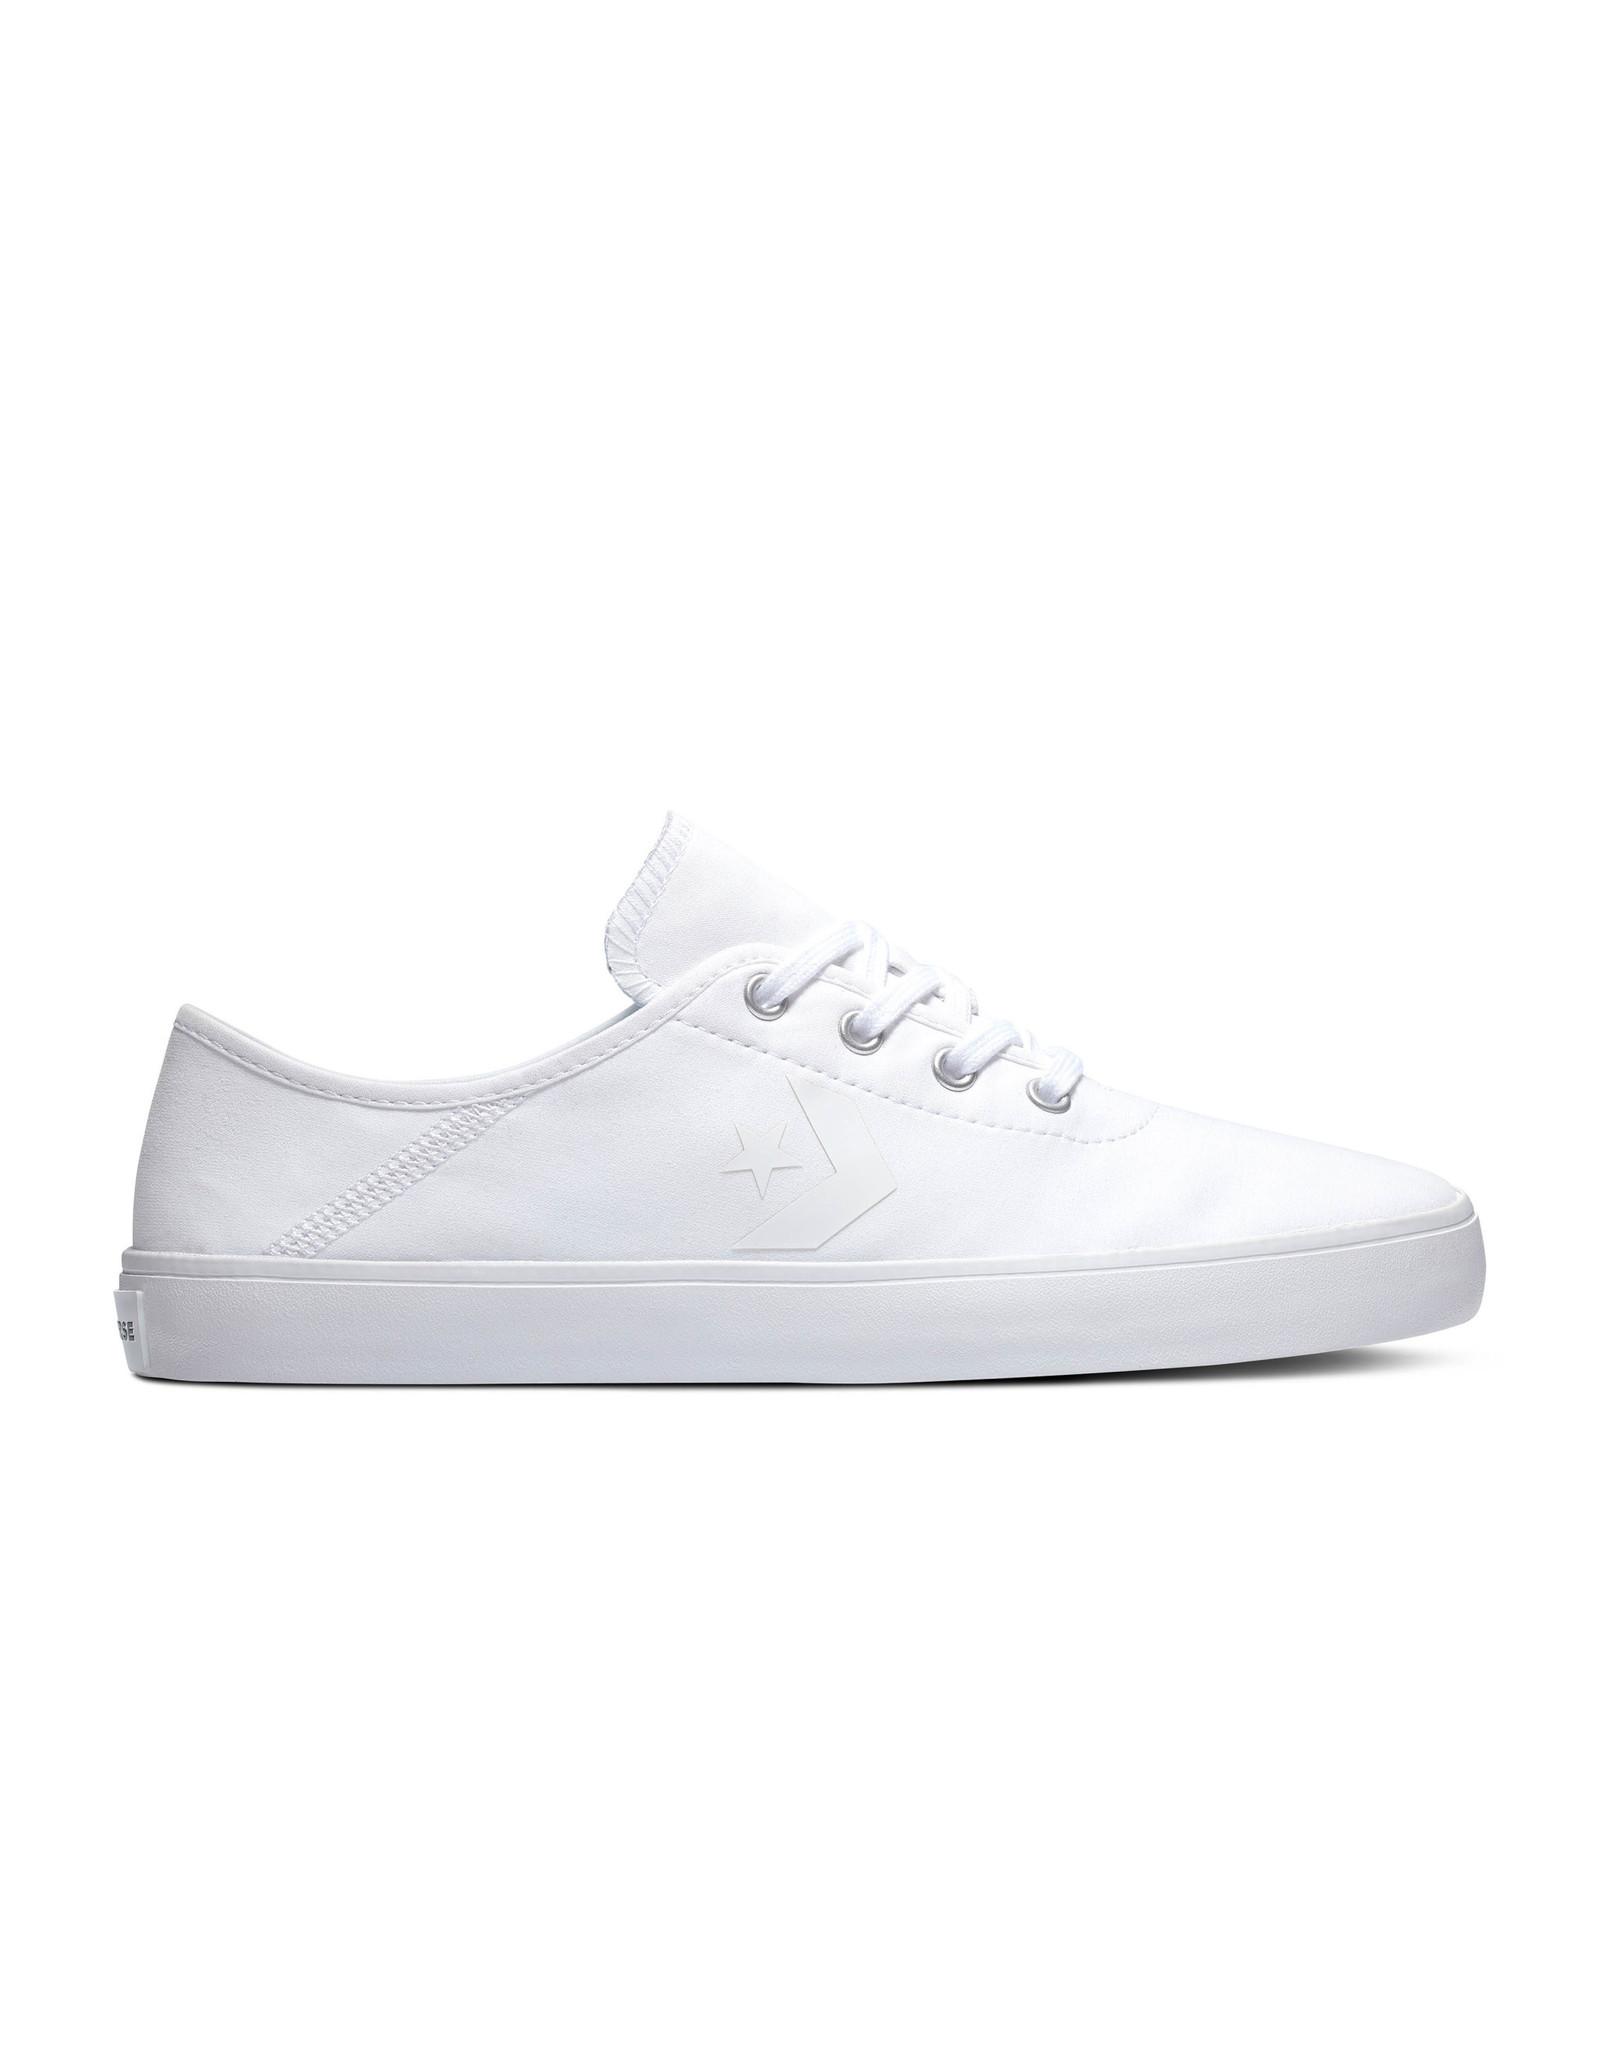 CONVERSE COSTA OX WHITE/WHITE/WHITE C072W-563435C